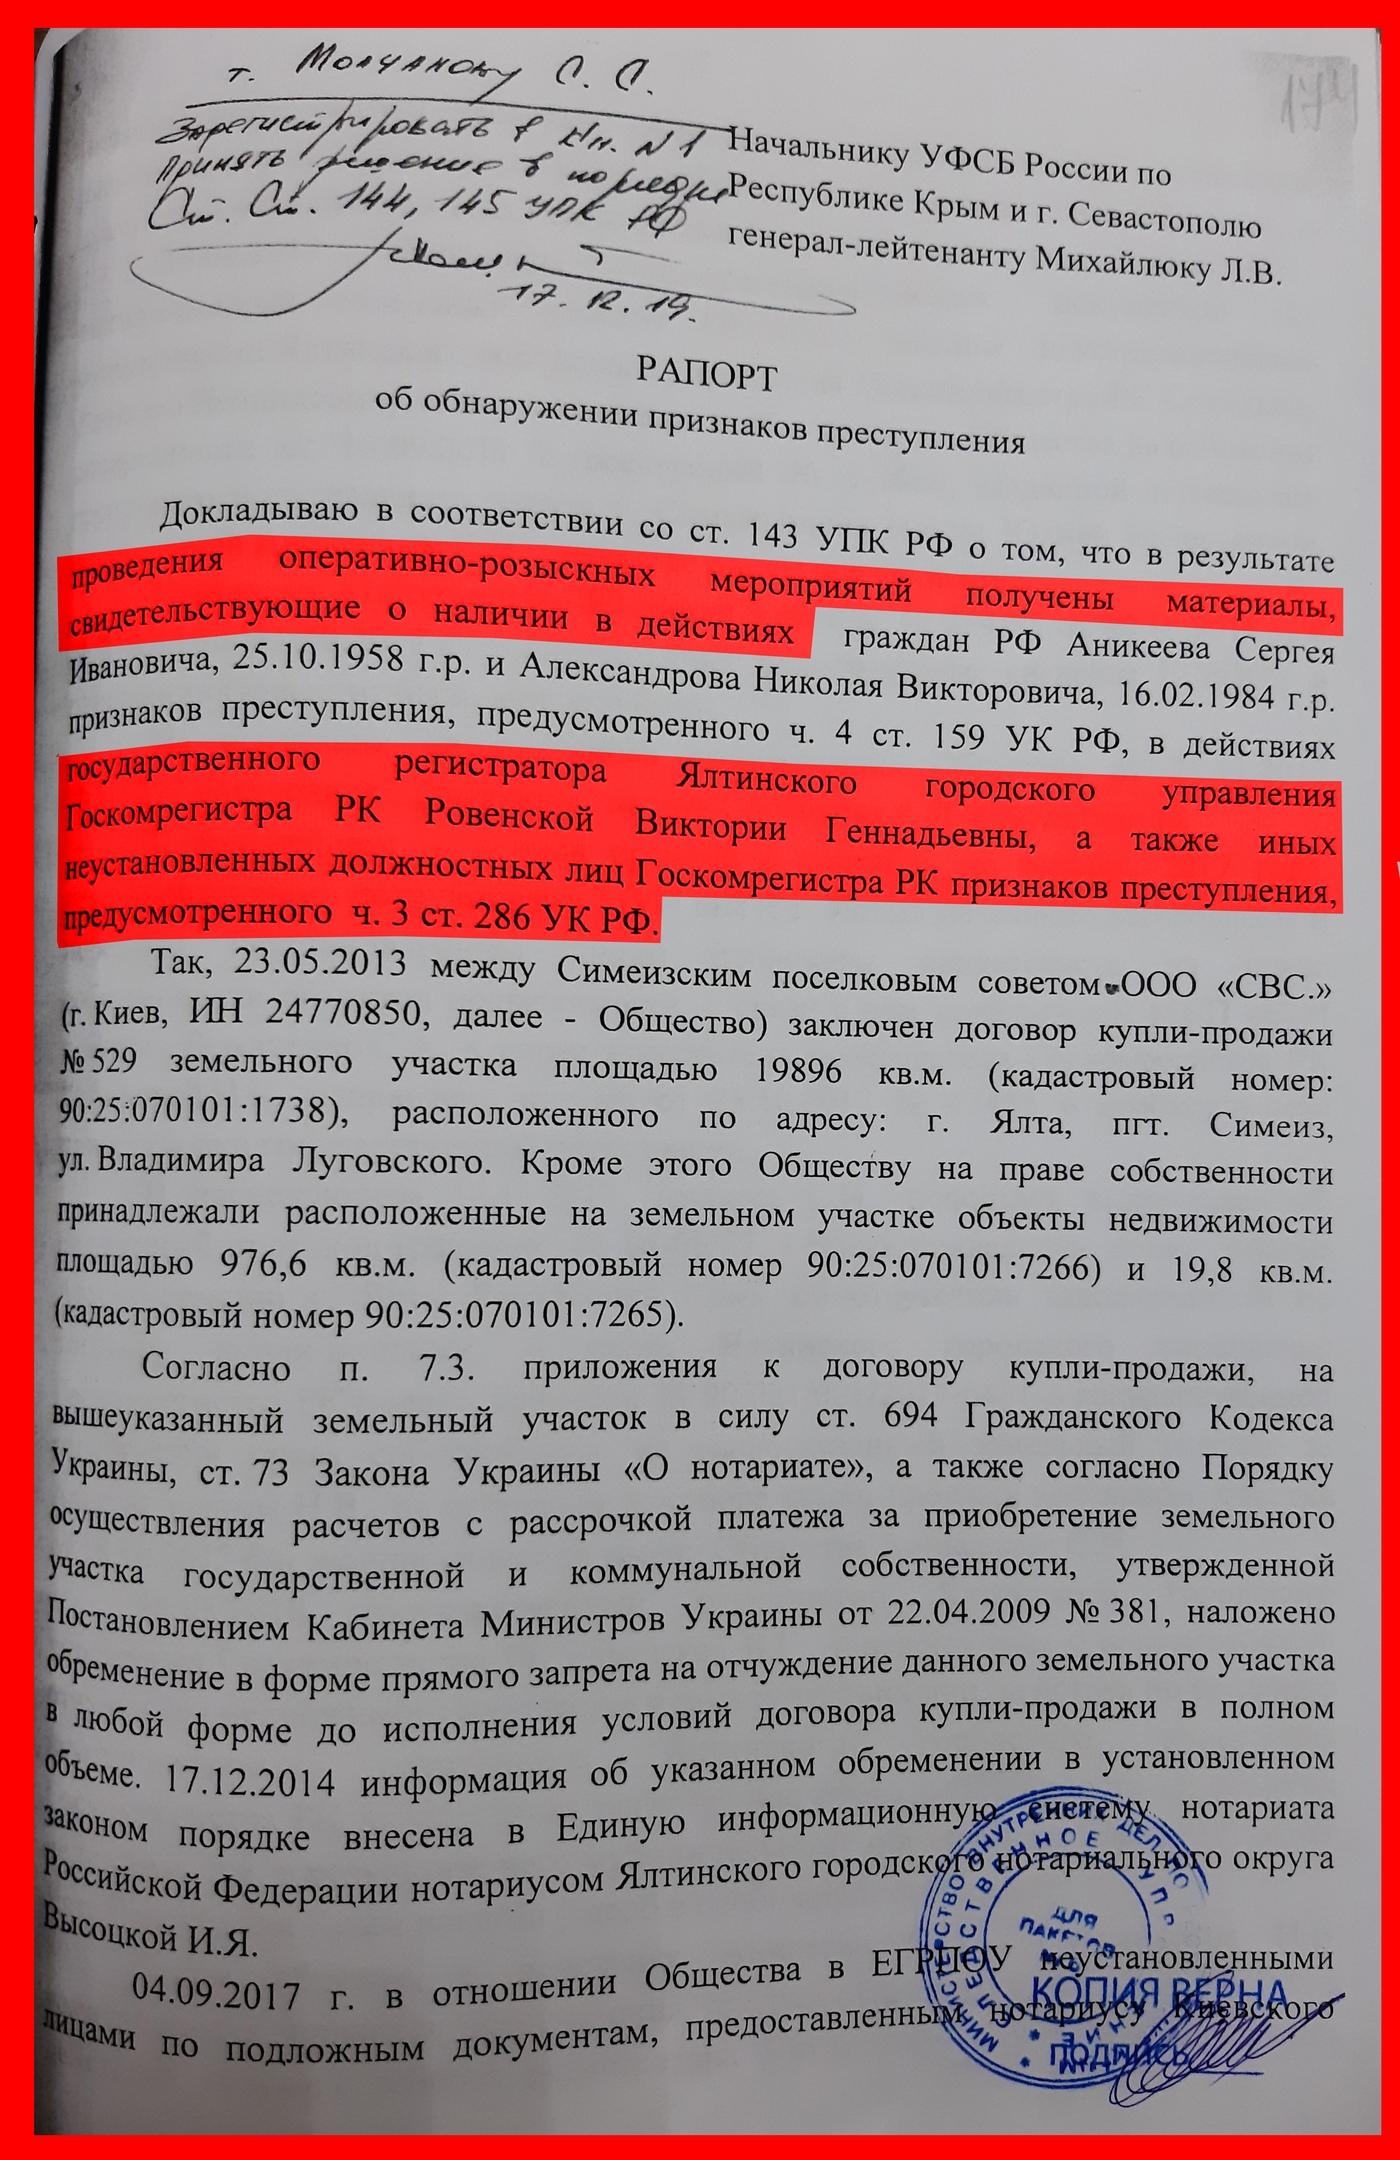 Рапорт лейтенанта ФСБ Савиновских об обнаружении признаков преступления от 17 декабря 2019 года